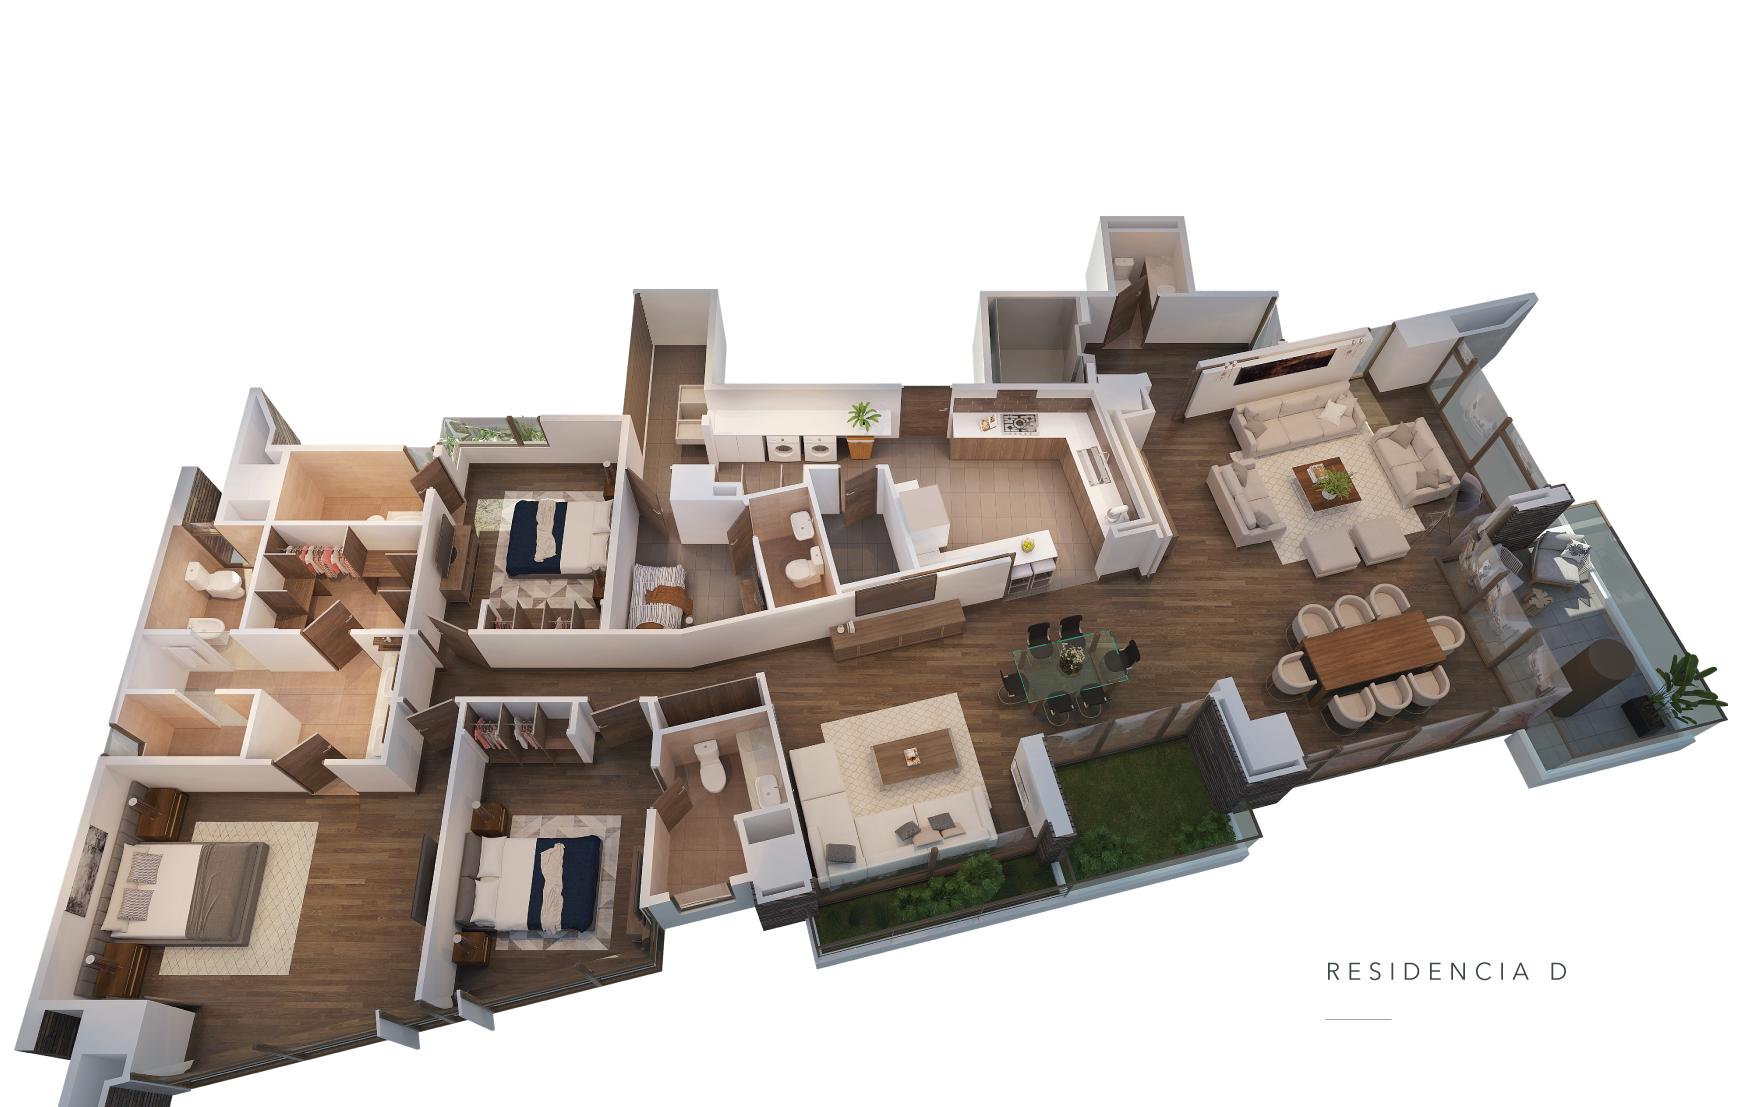 Residencias de 250m2 de áreas interiores y 35mts2 de terrazas jardín. incluye 3 estacionamientos y 1 bodega en el sótano.